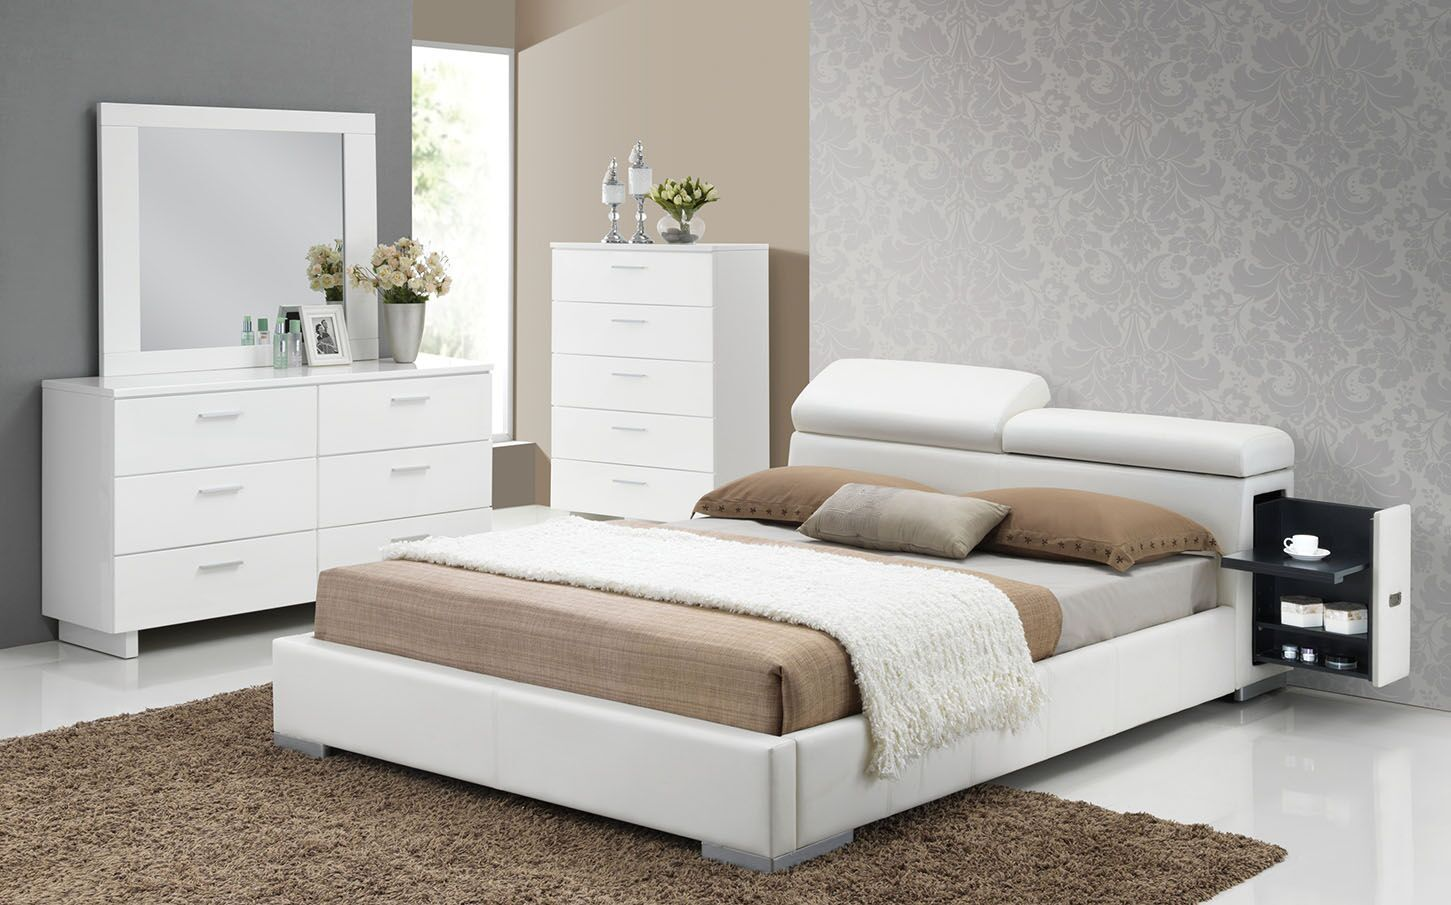 Manjot White Queen Size Bed Upholstered platform bed